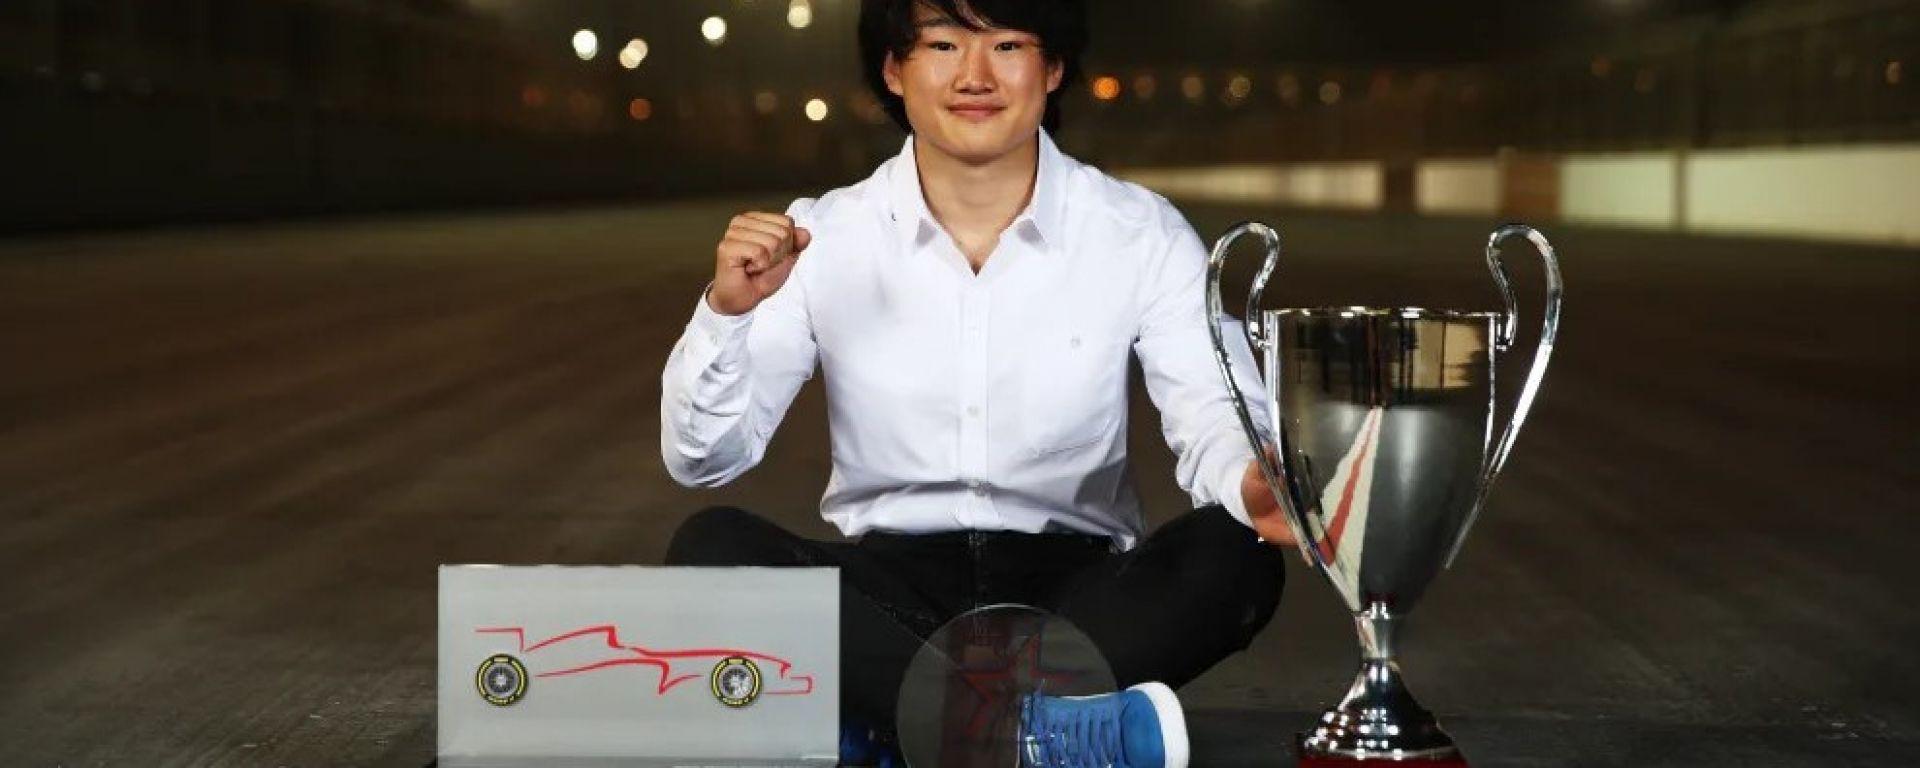 Yuki Tsunoda alla premiazione della stagione F2 2020   Foto: Fia Formula 2